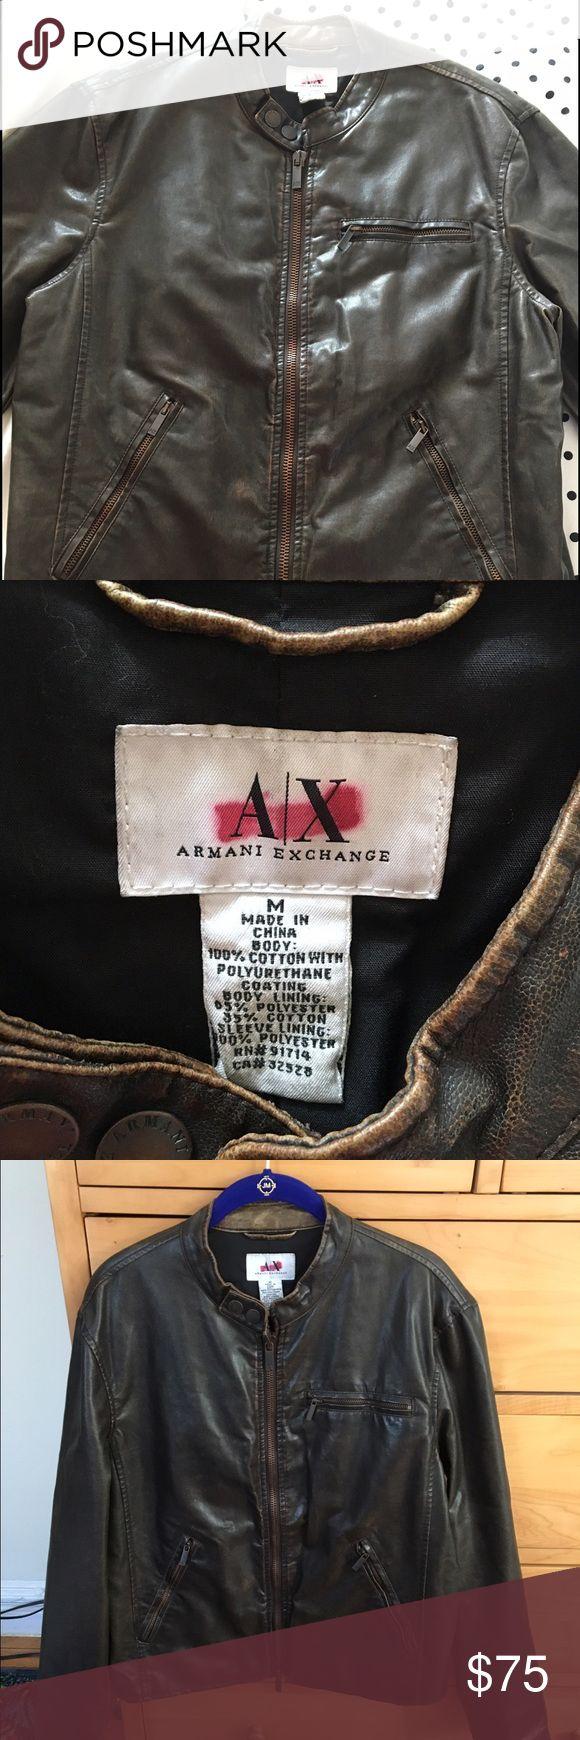 Armani exchange coat Armani exchange coat A/X Armani Exchange Jackets & Coats